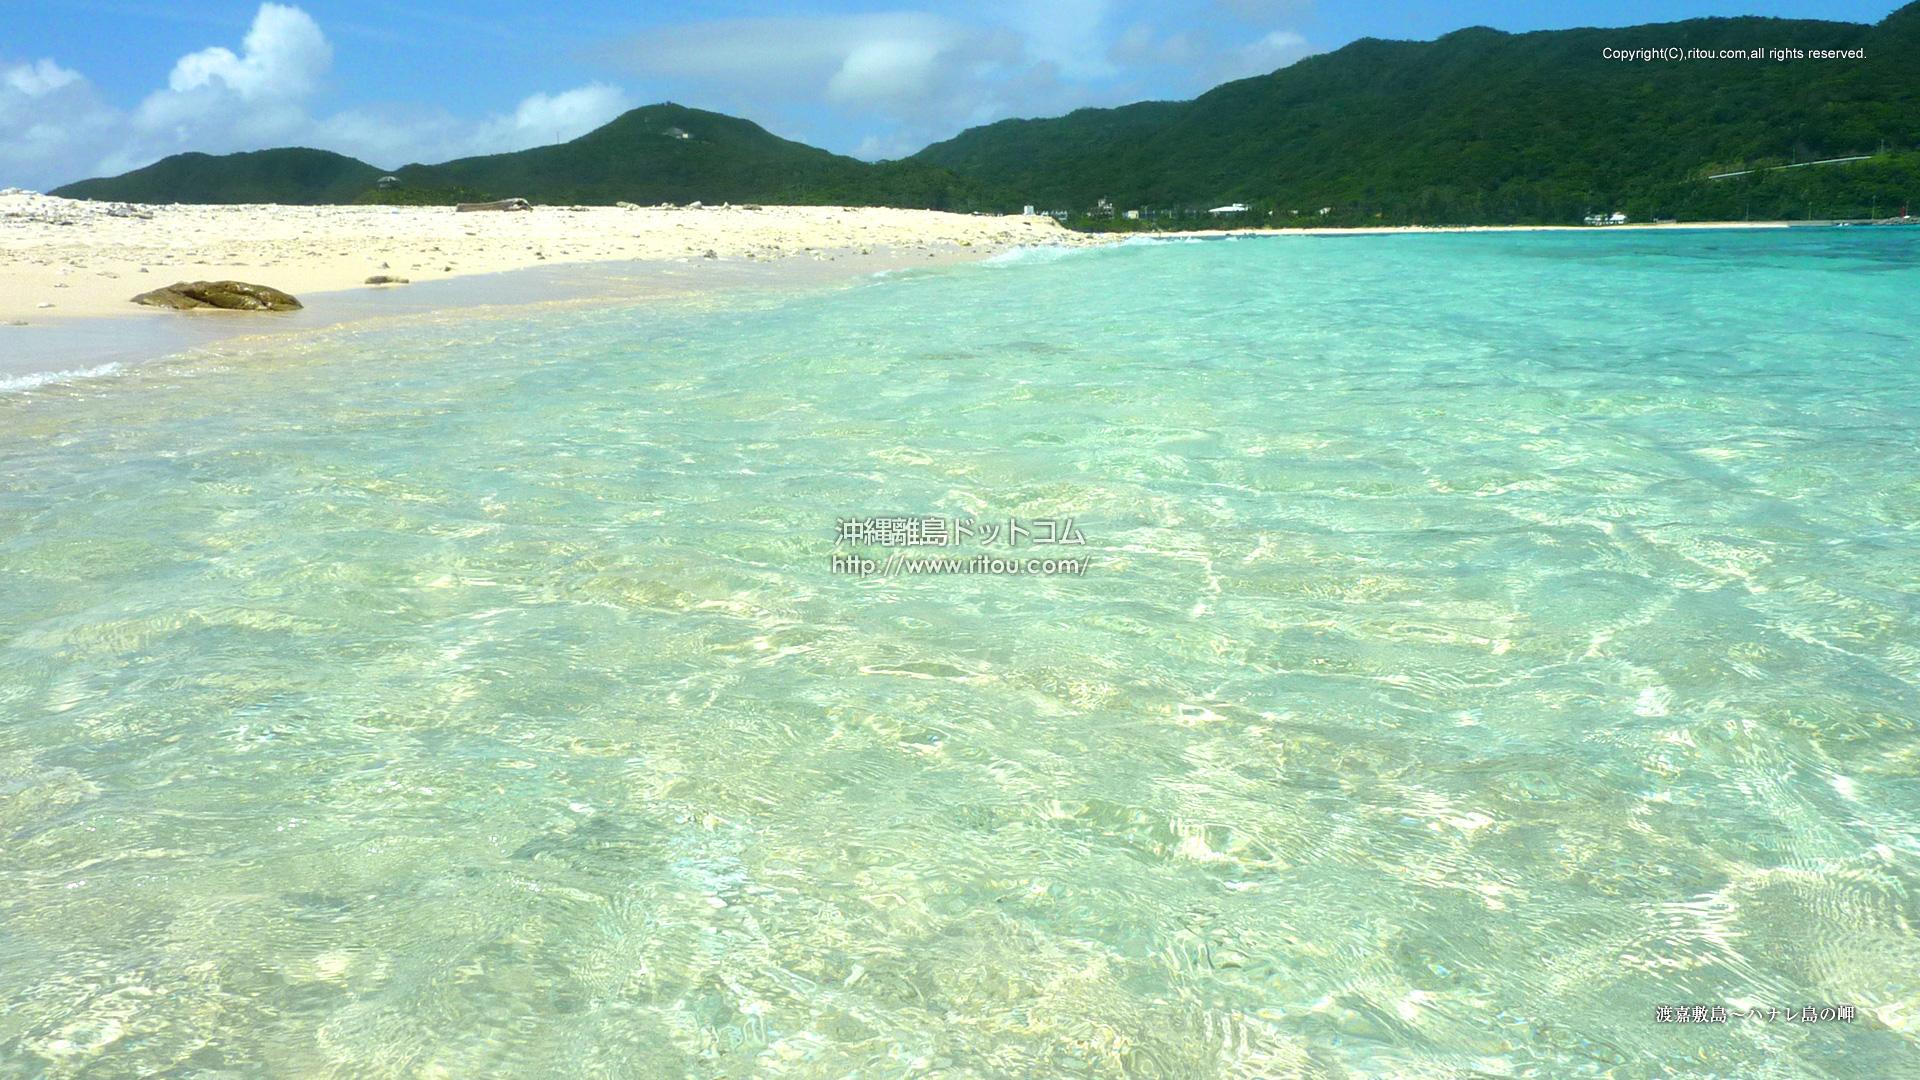 渡嘉敷島〜ハナレ島の岬